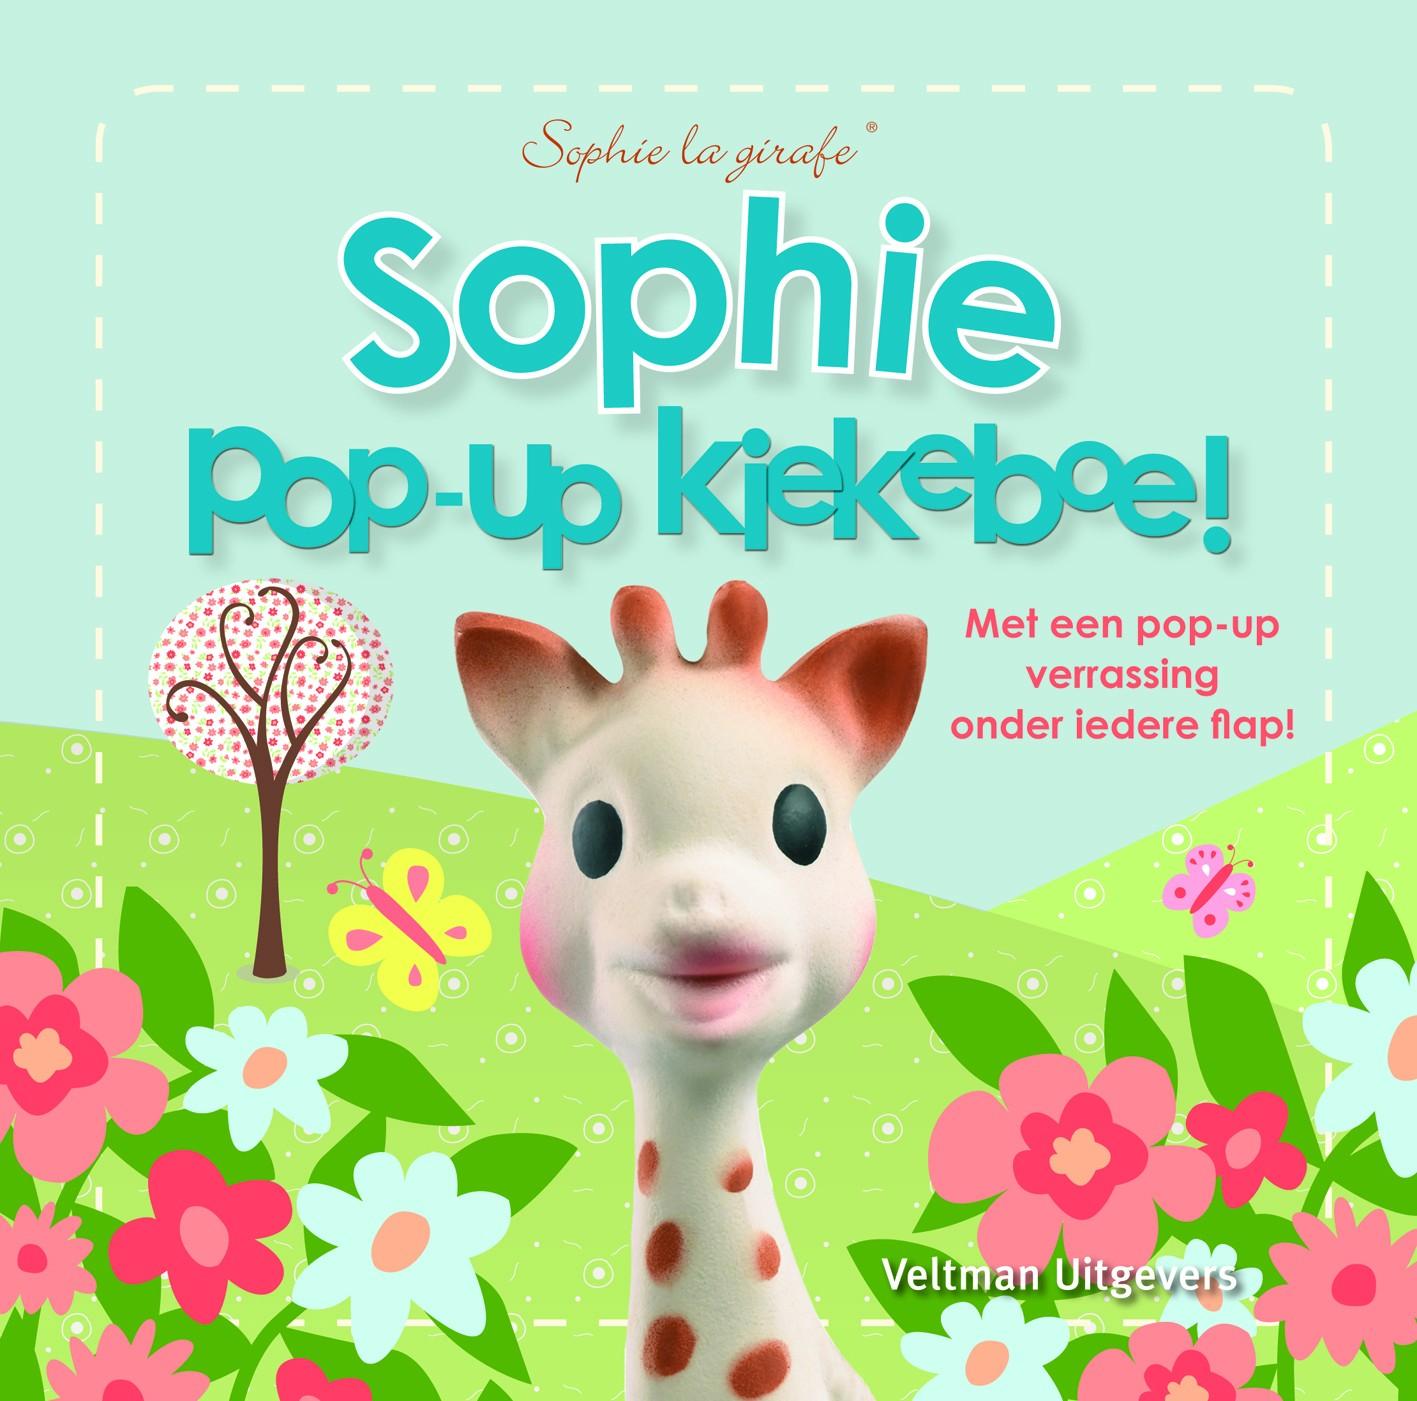 Sophie the Giraffe Pop-Up Booklet: Kiekeboe!